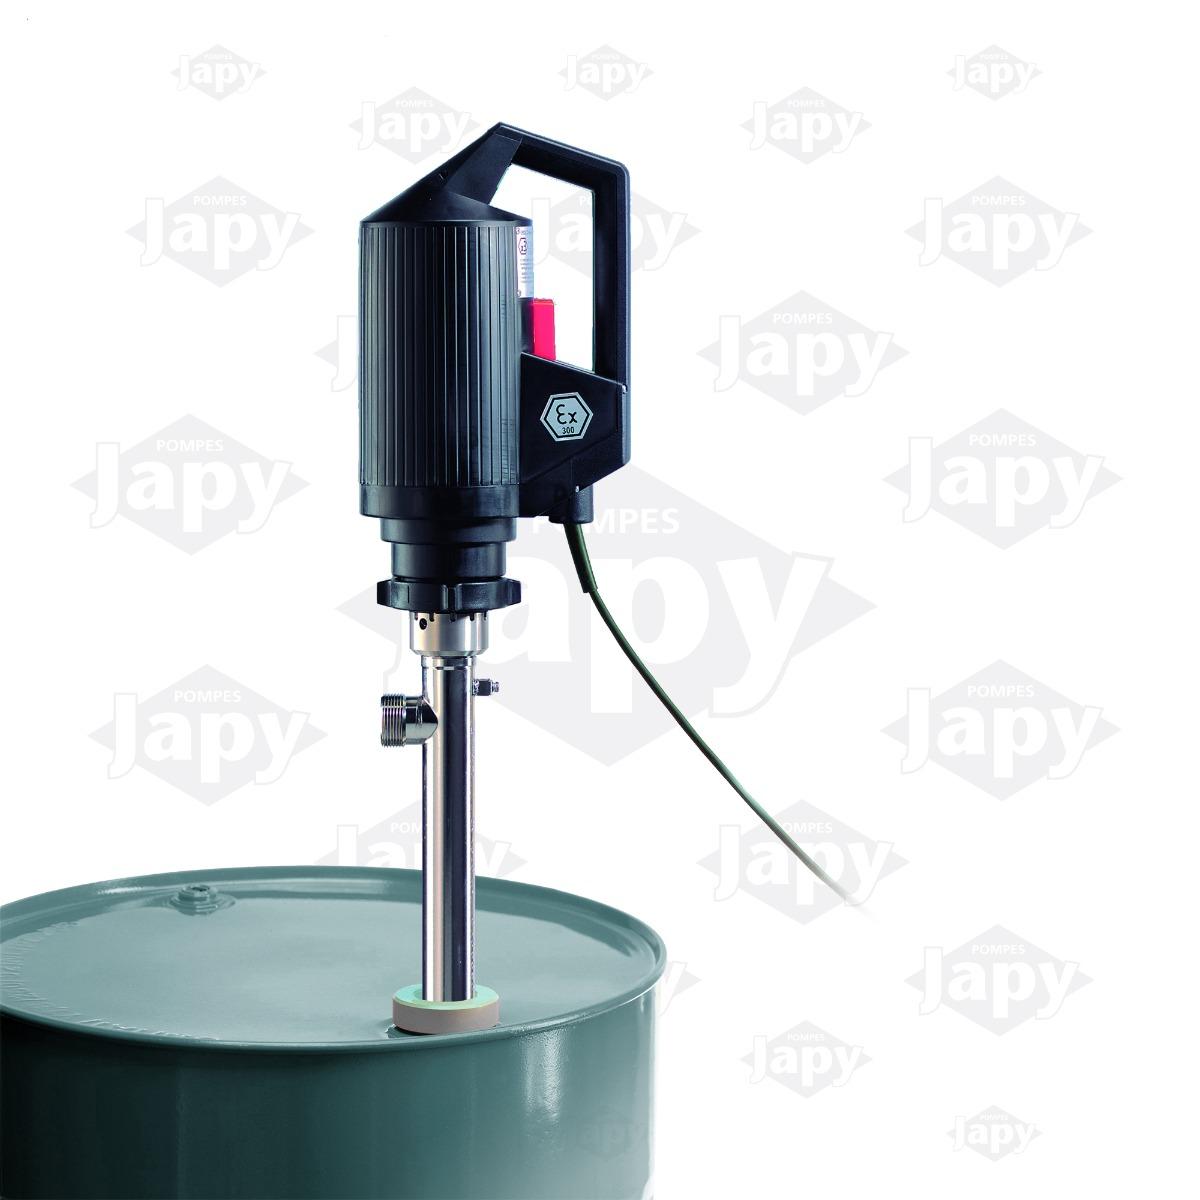 barrel emptying pumps by technology pompes japy. Black Bedroom Furniture Sets. Home Design Ideas